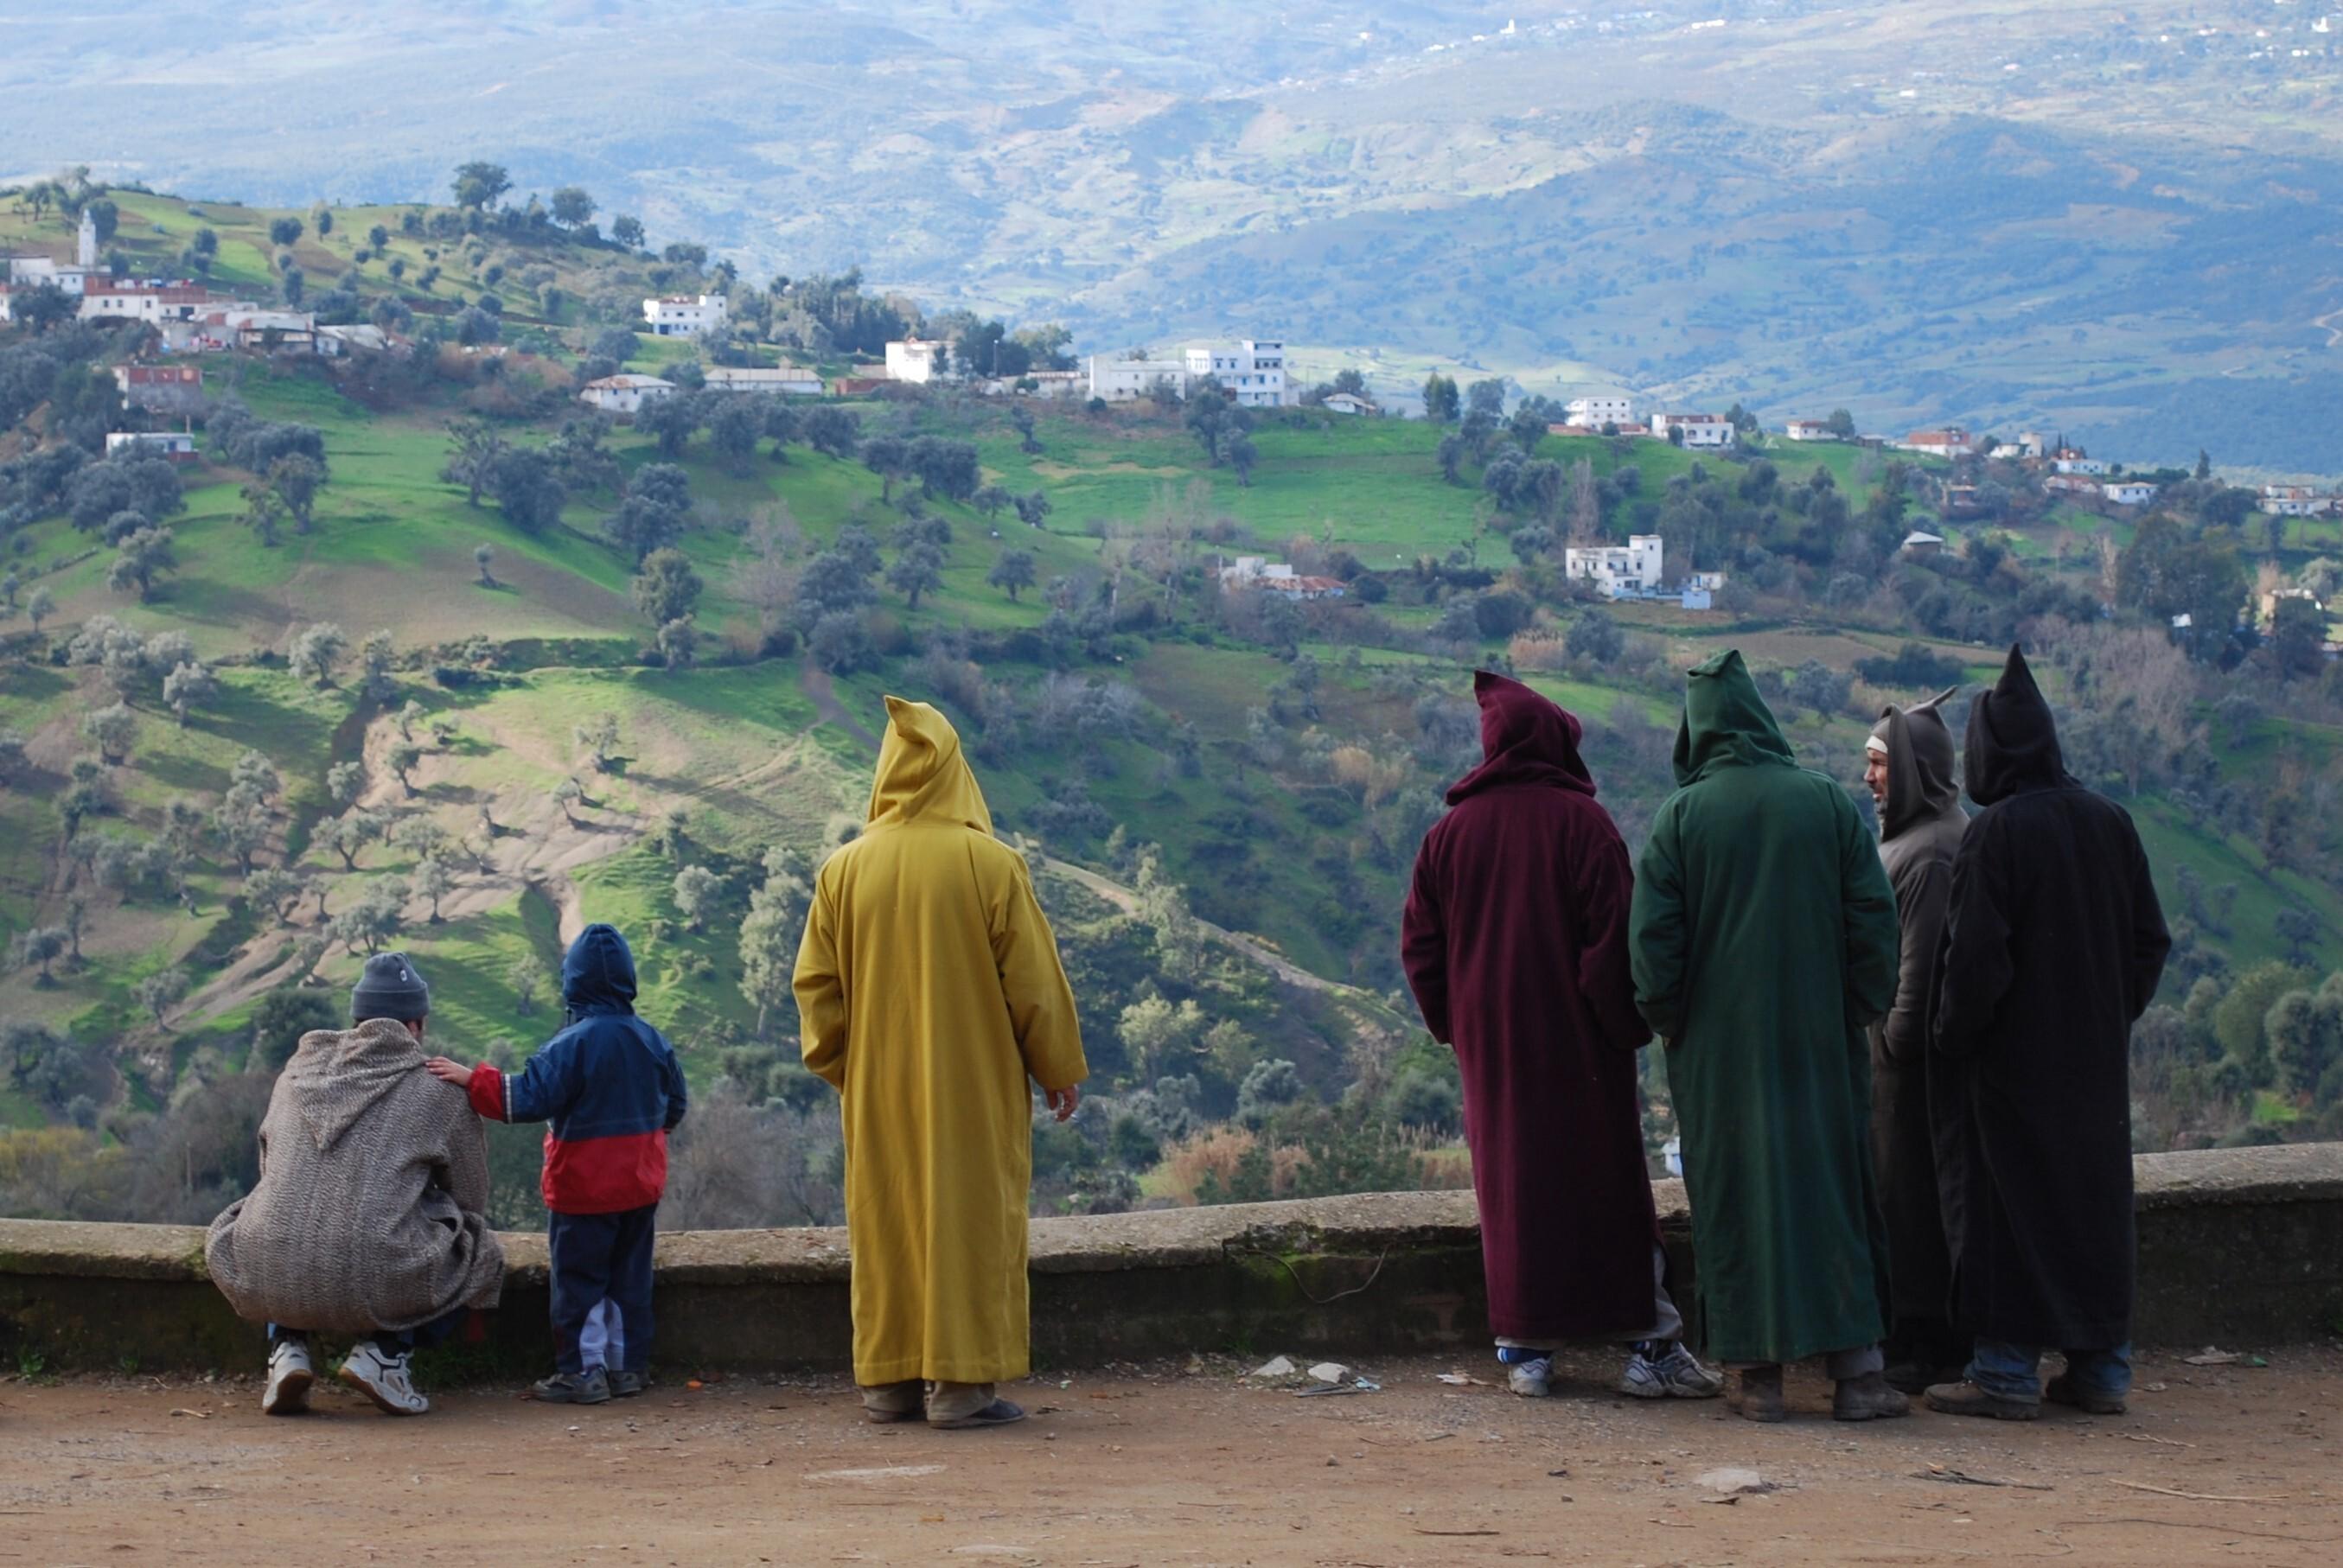 ۹ سنتی که مختص به مراکش است